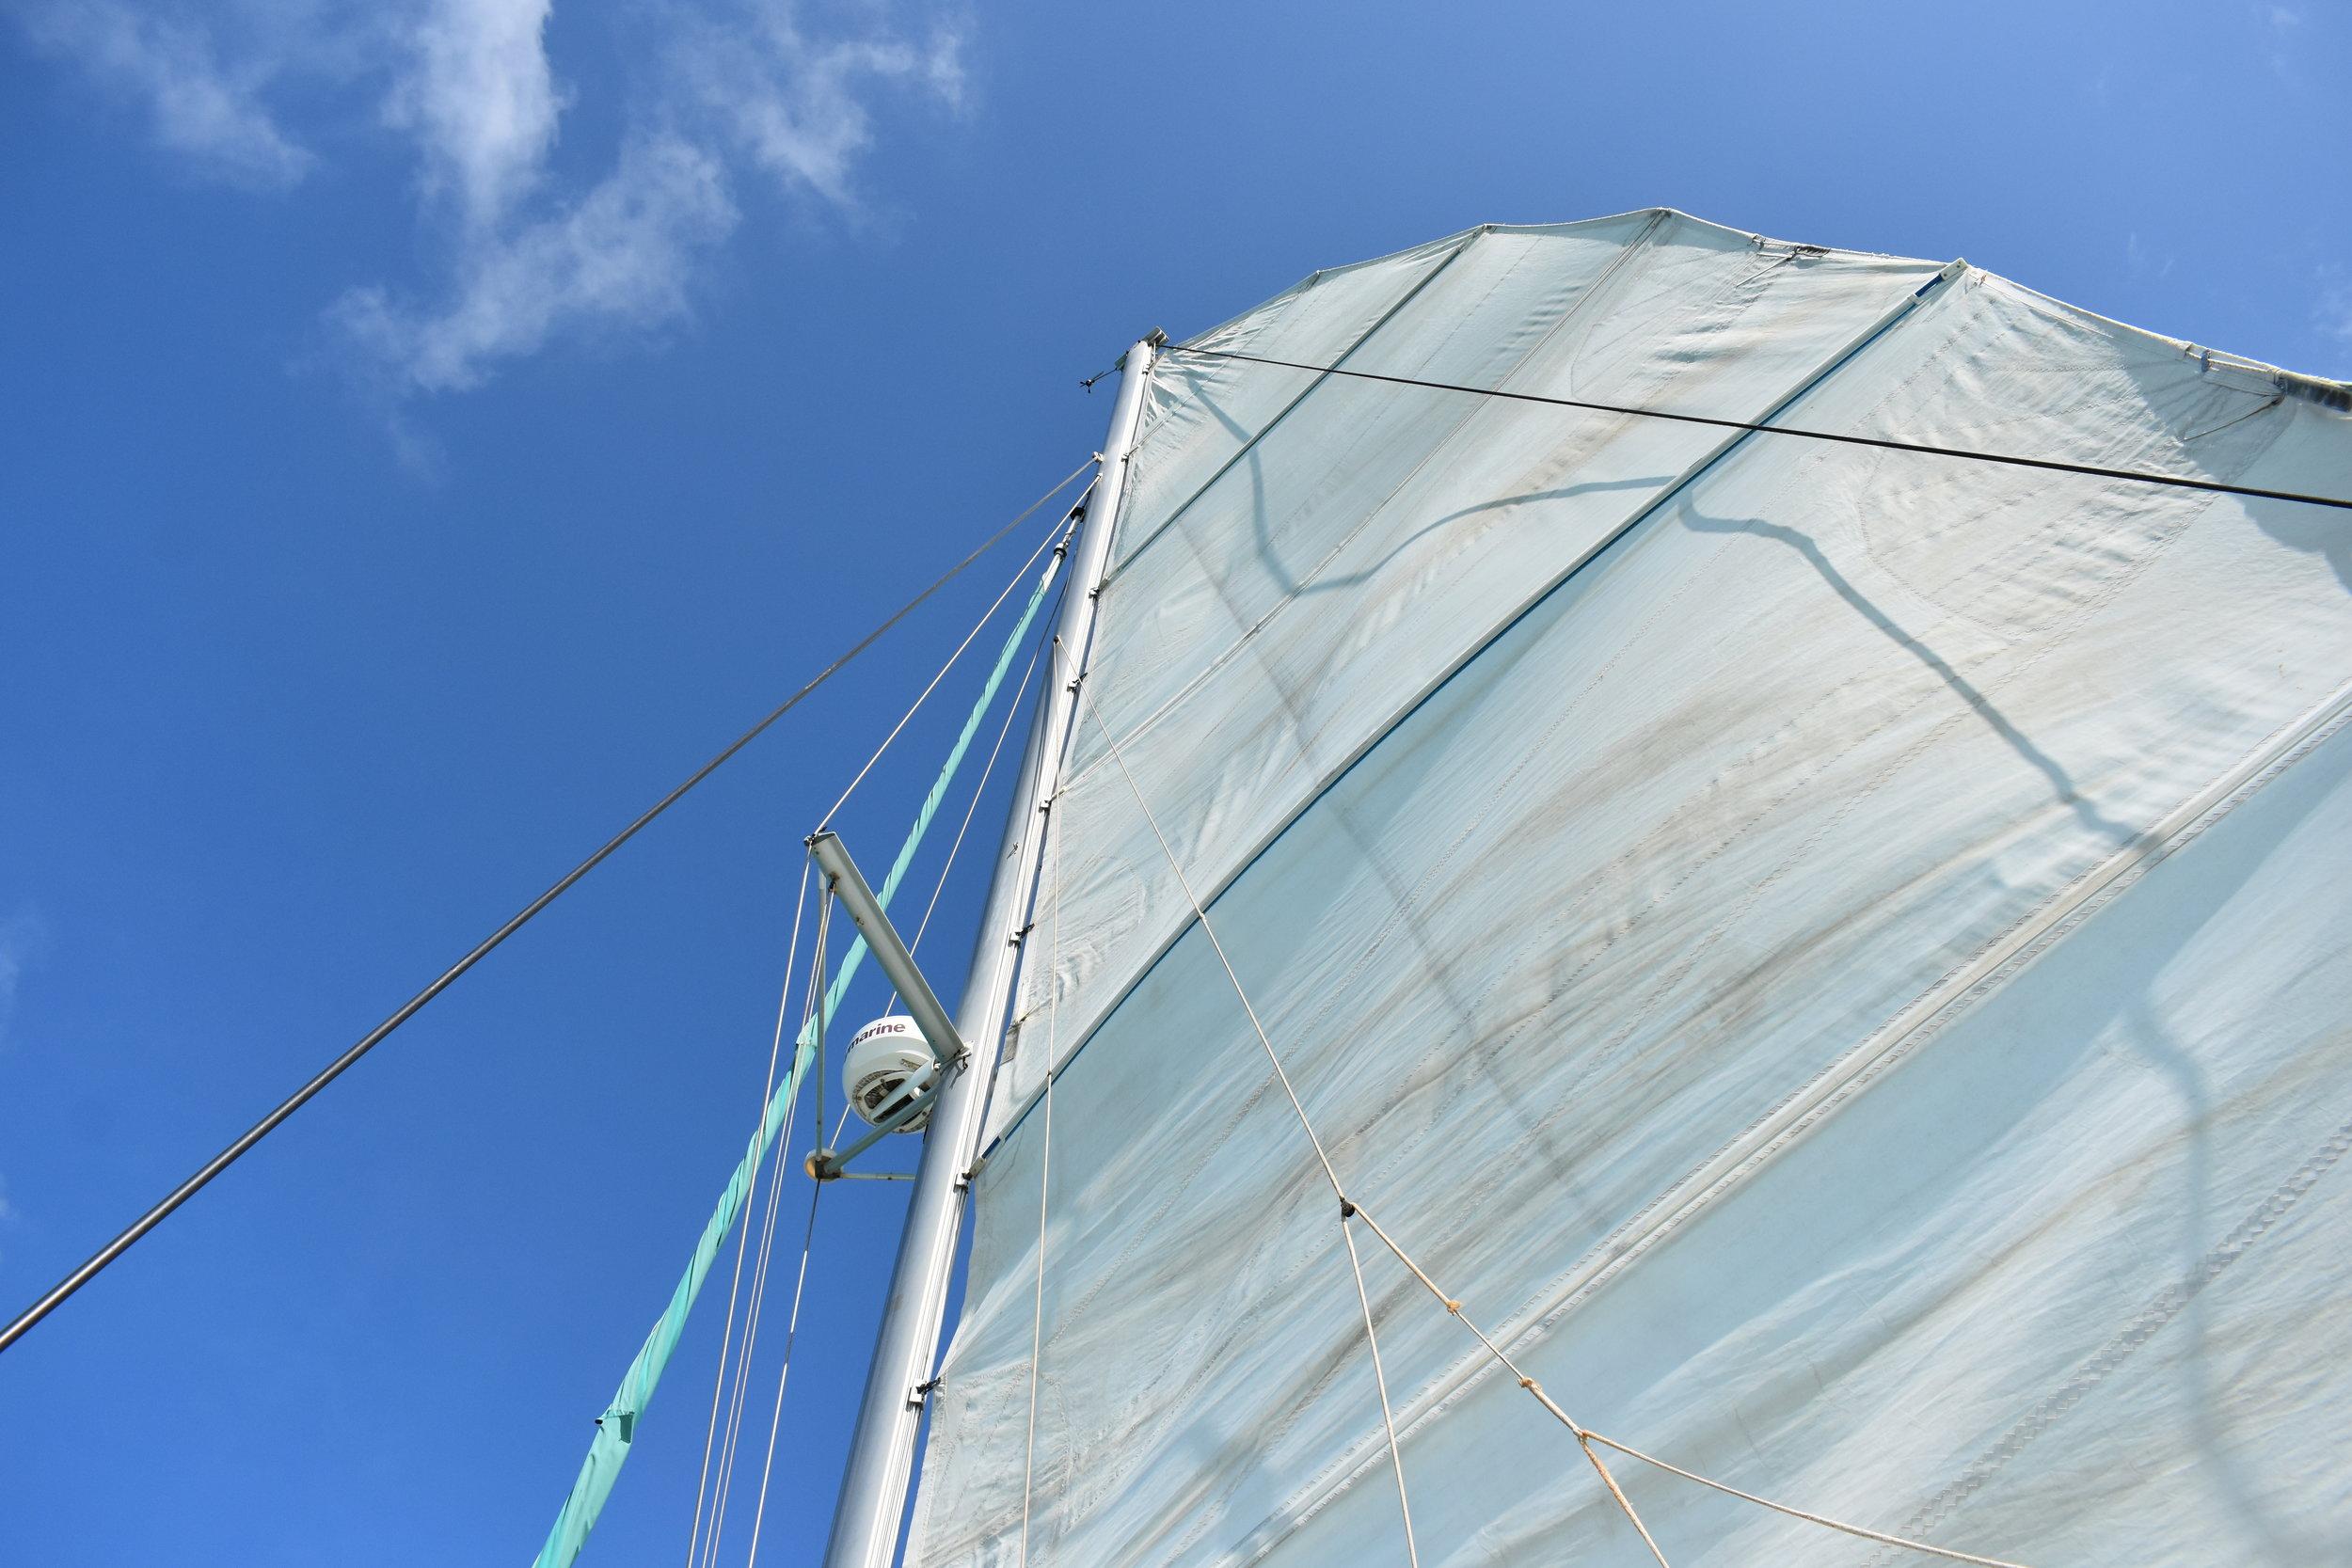 O catamarã tem espaço interno, mas o bom é ficar na rede pegando a brisa do mar.